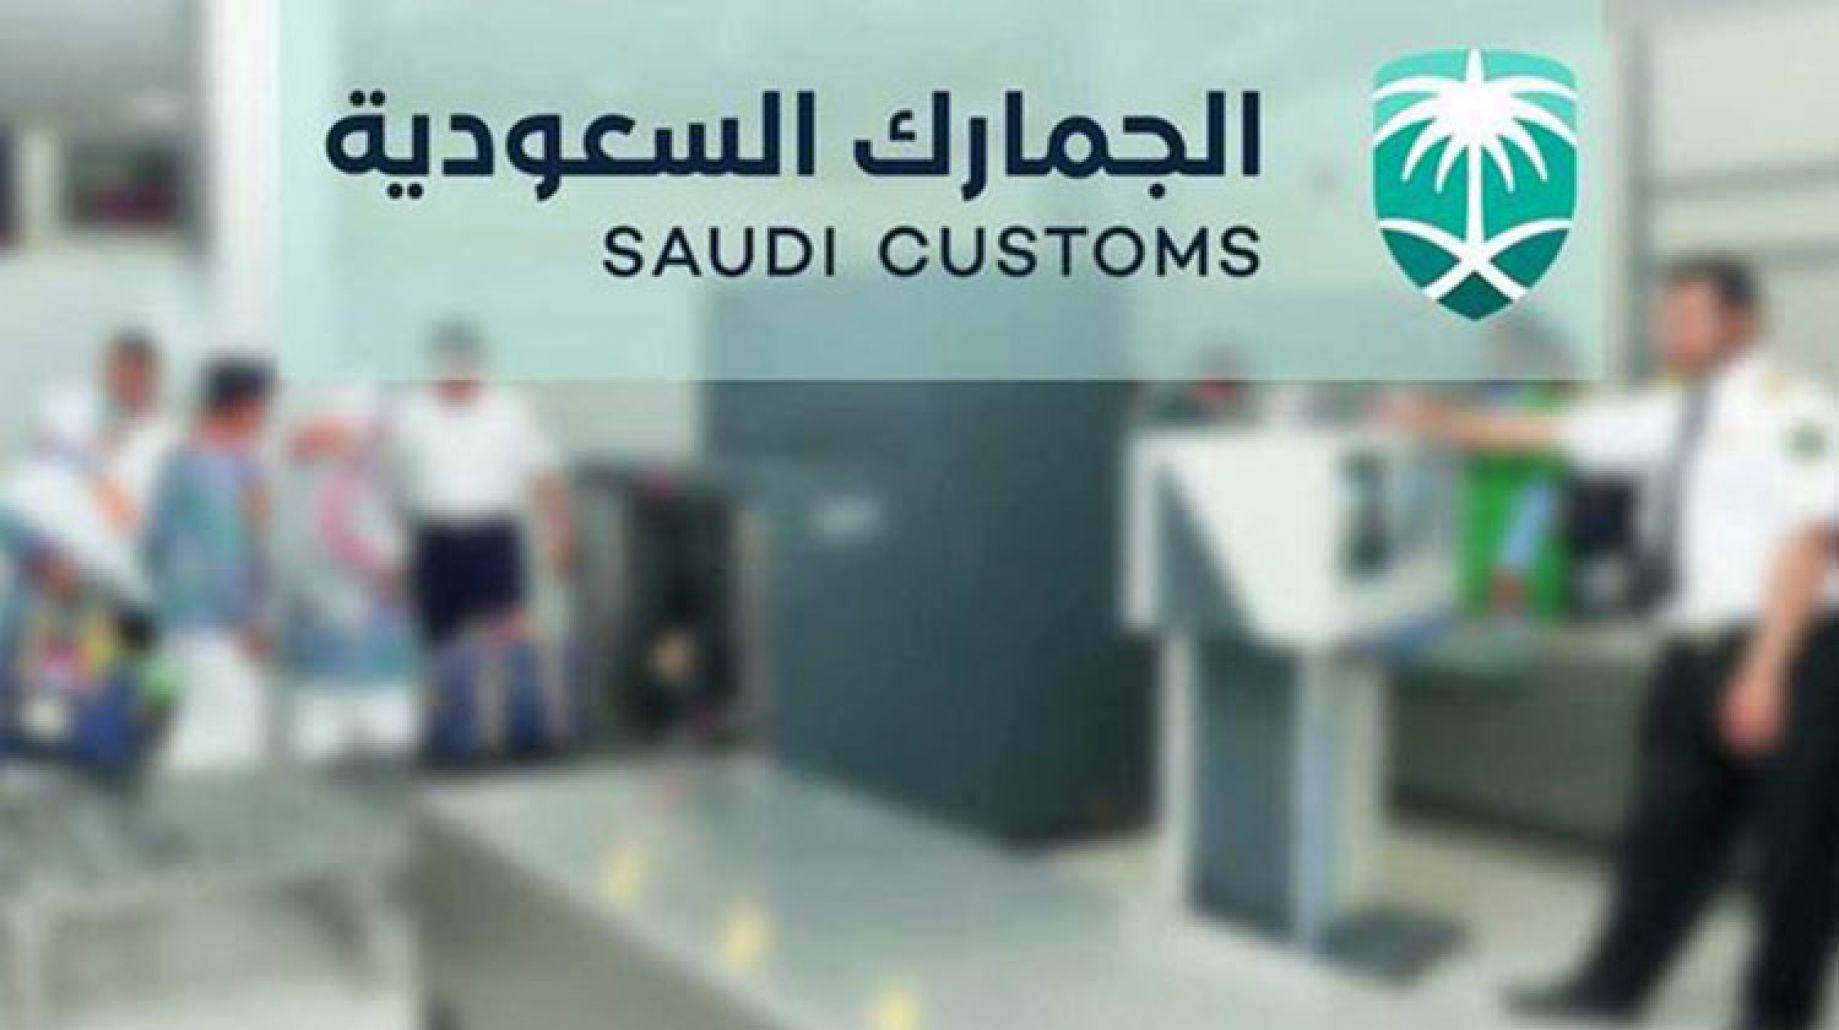 تسجيل الدخول علي الجمارك السعودية وطرق التواصل